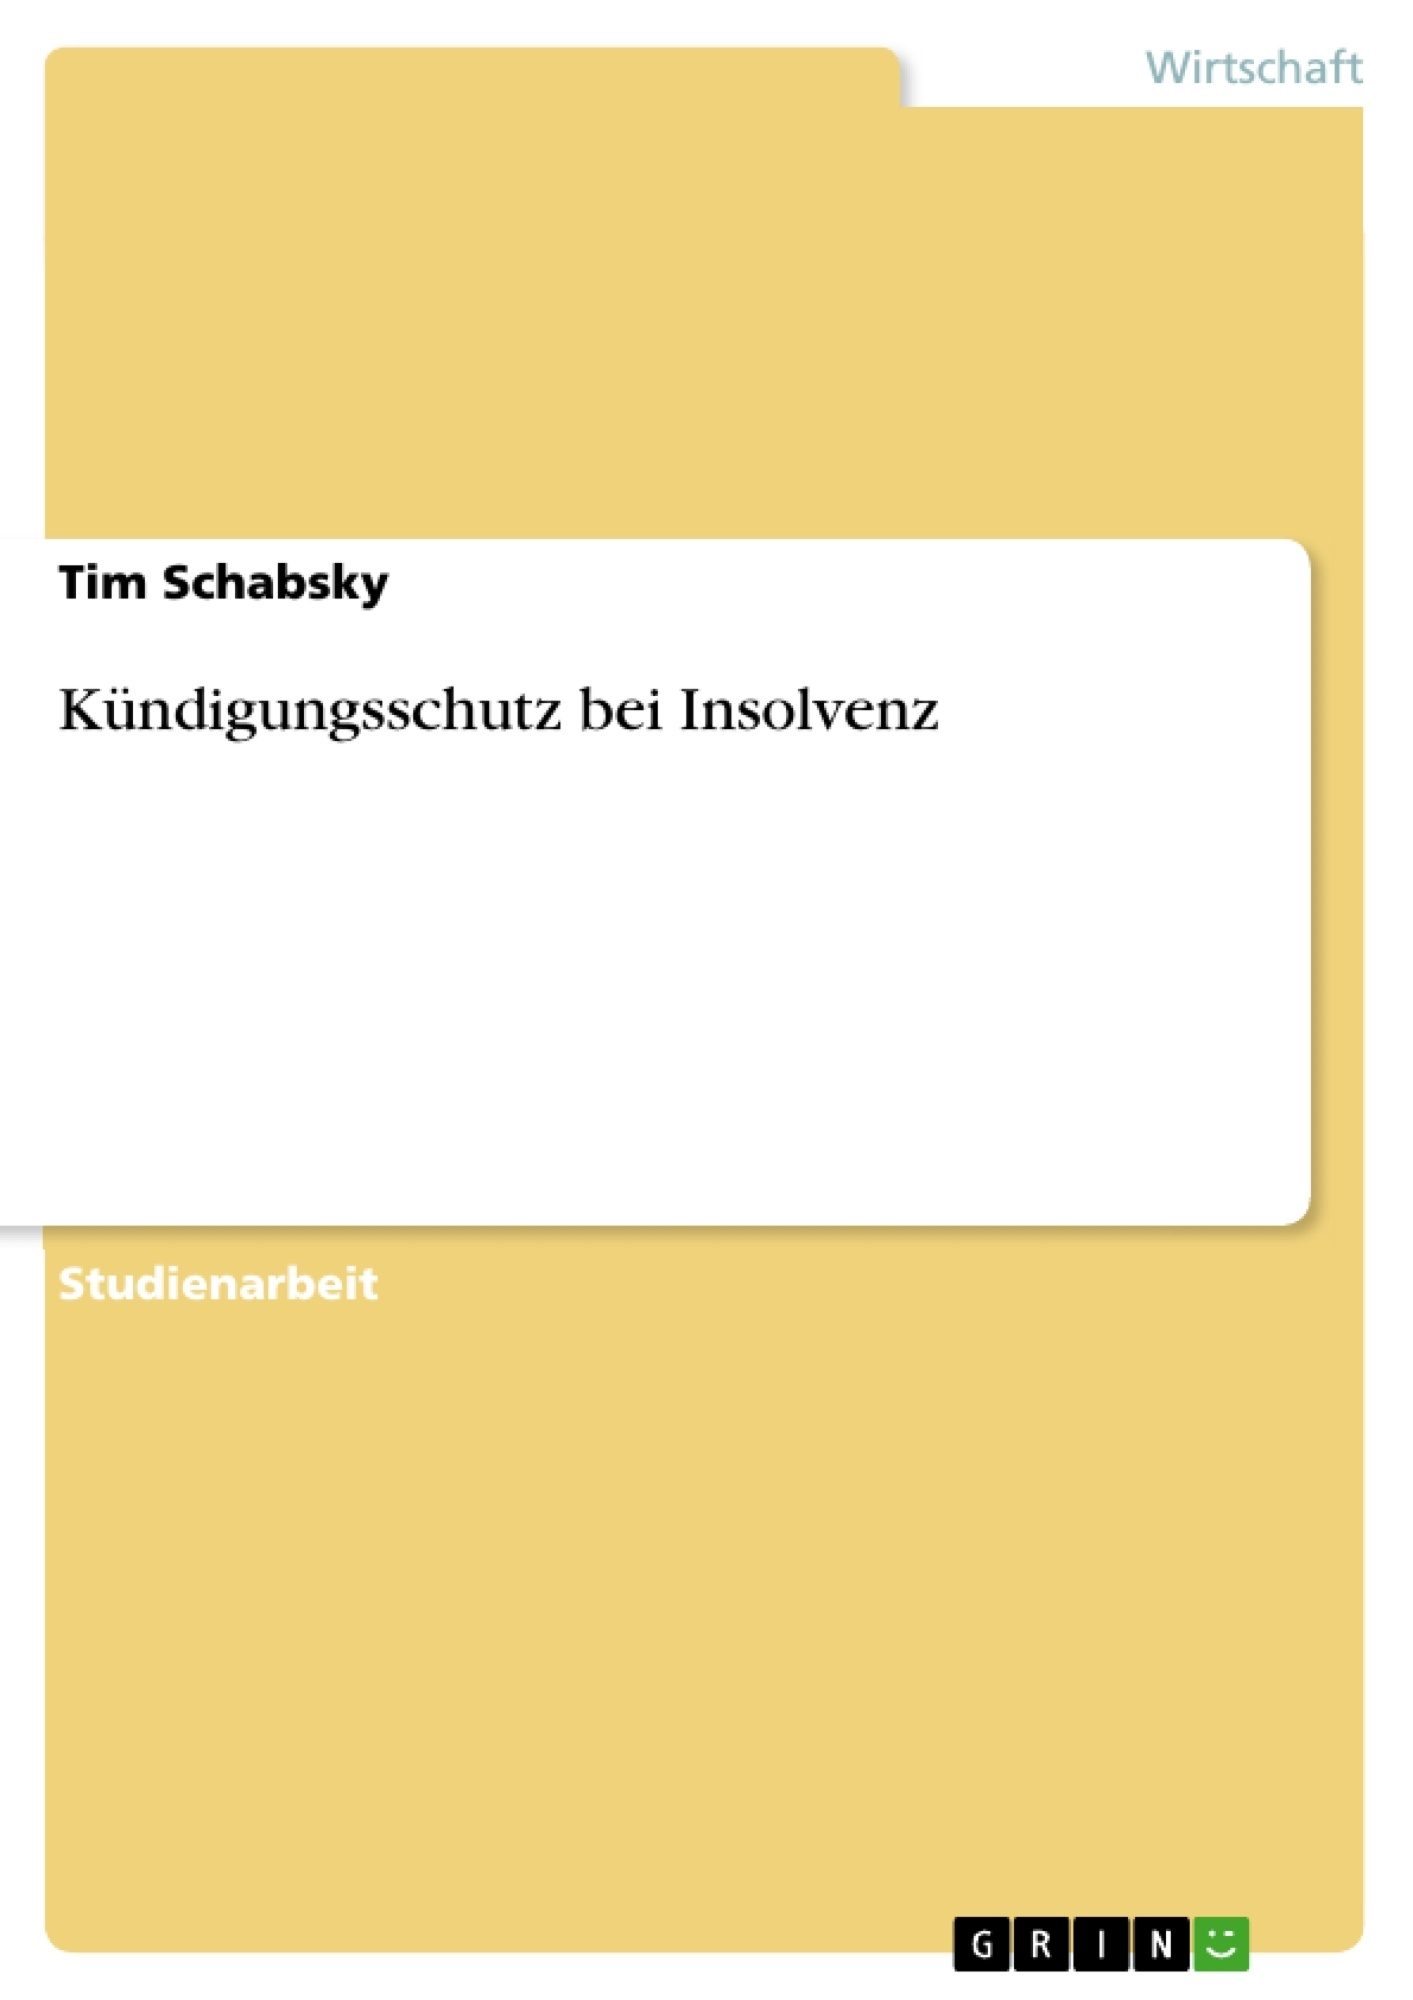 Titel: Kündigungsschutz bei Insolvenz